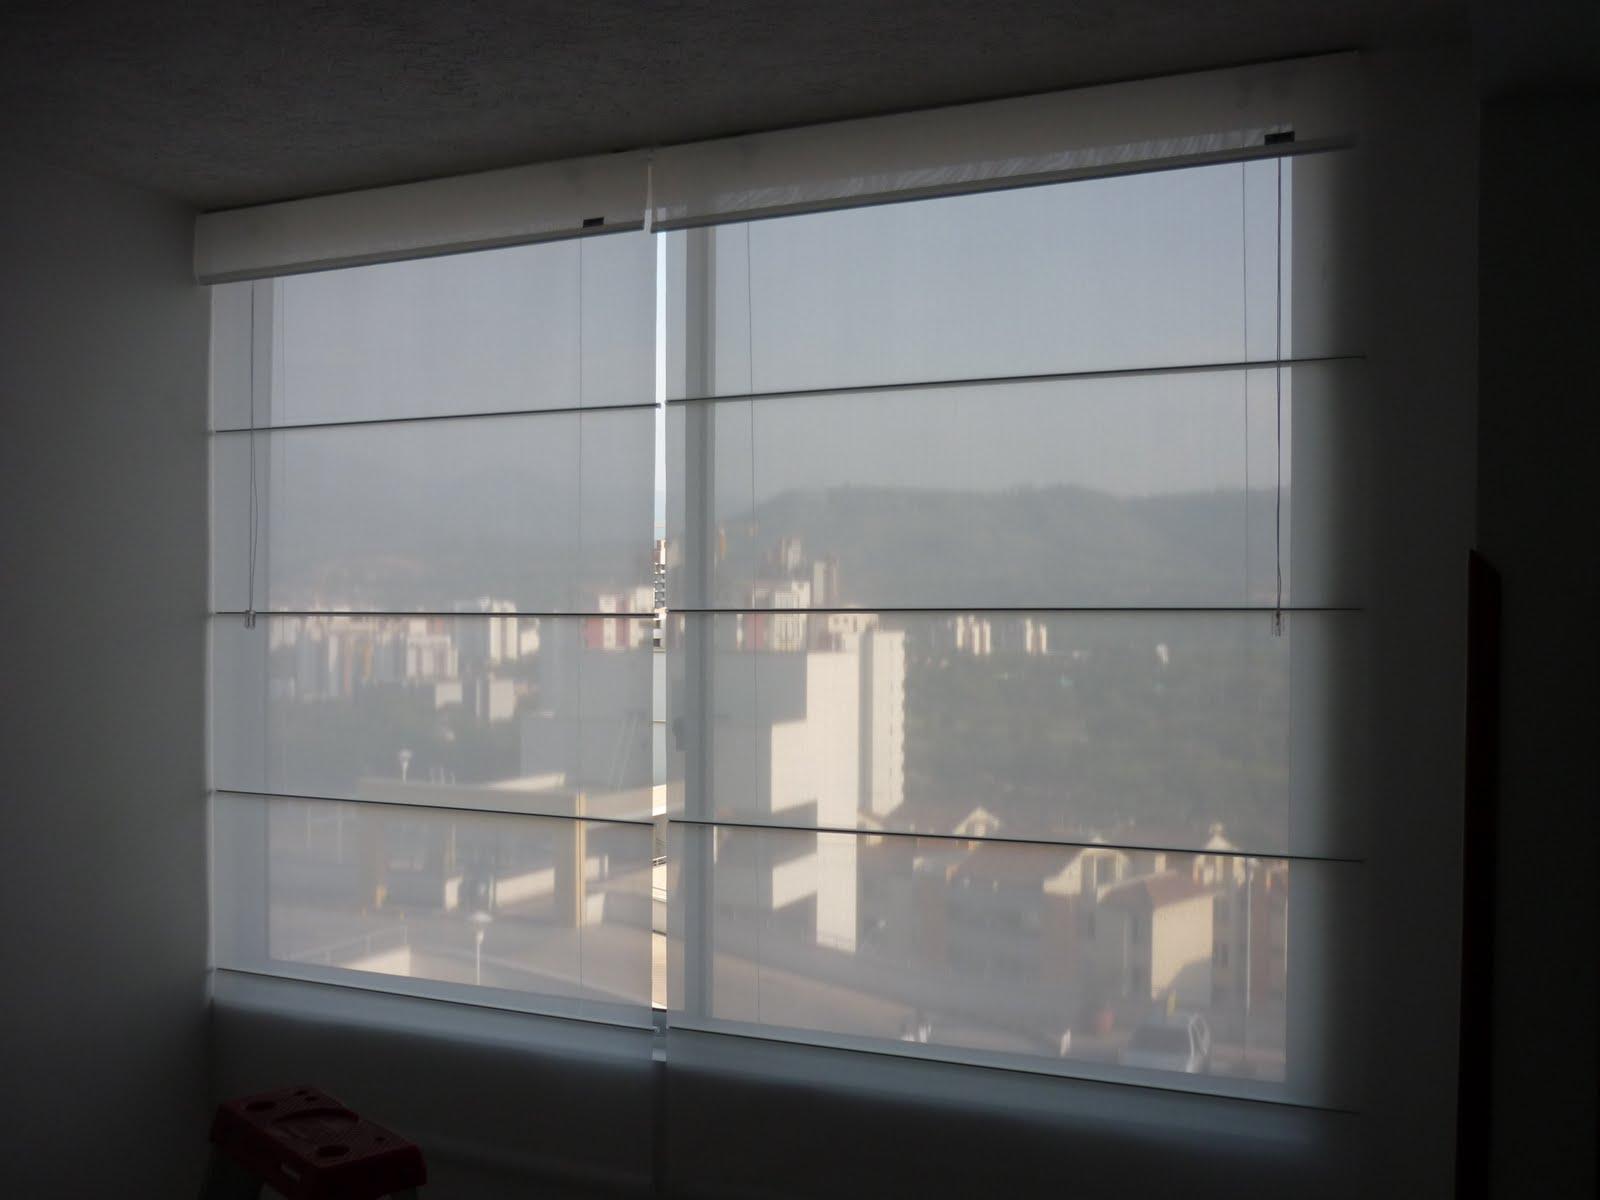 Cortinas y persianas - Persianas y cortinas ...